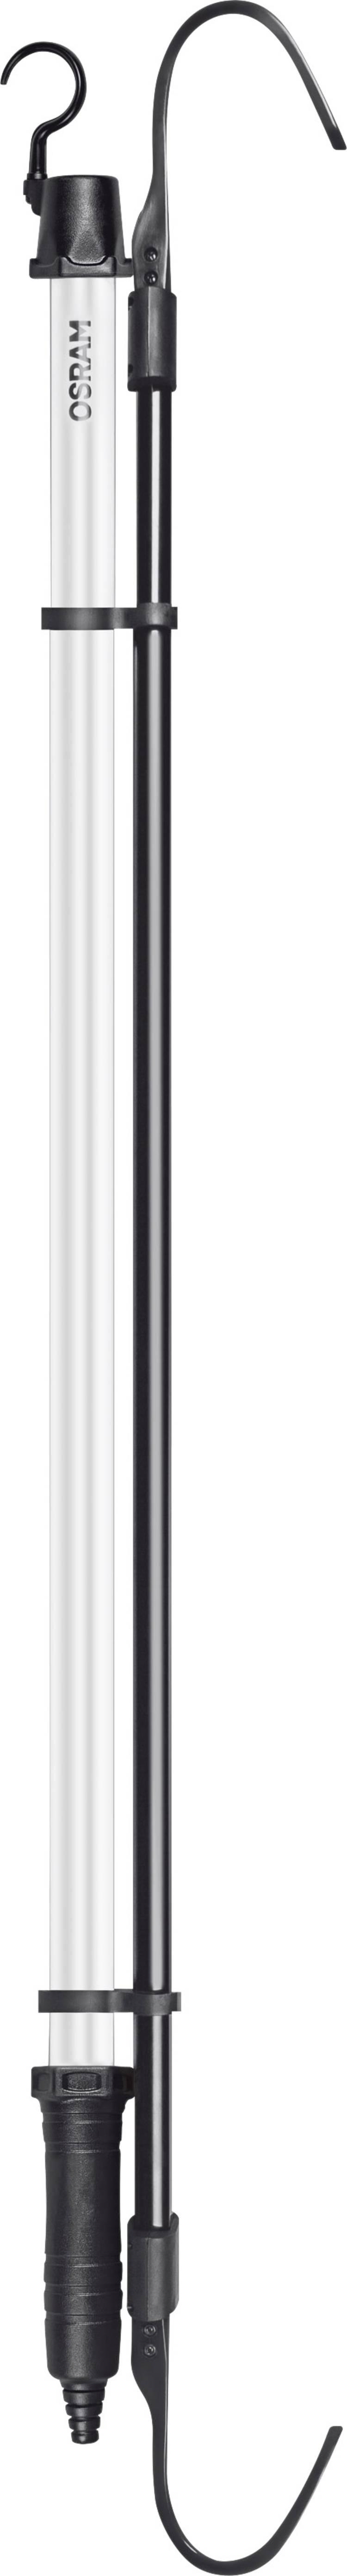 LED Motorkaplamp werkt op het lichtnet OSRAM LEDIL104 LEDinspect PRO Bonnet 1400 13 W 1400 lm